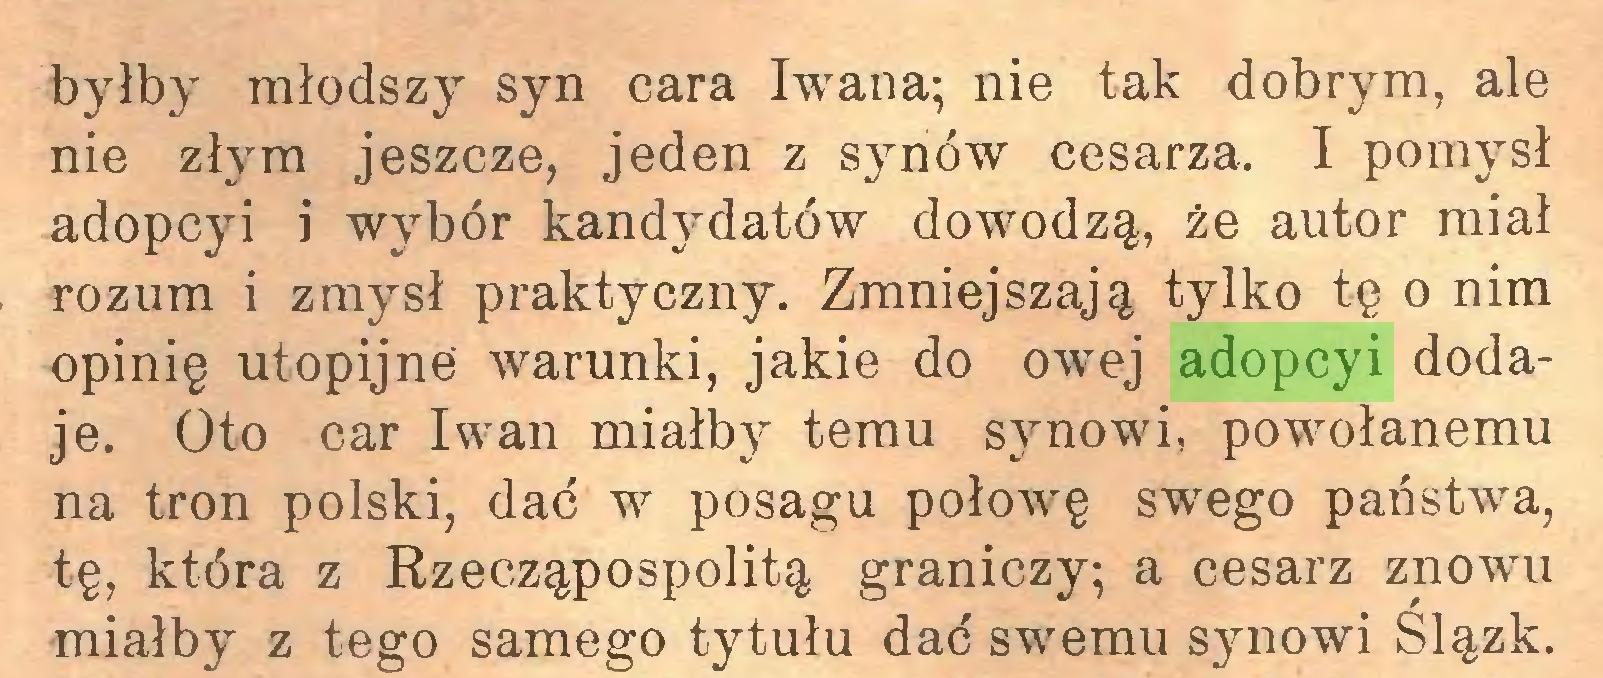 (...) byłby młodszy syn cara Iwana; nie tak dobrym, ale nie złym jeszcze, jeden z synów cesarza. I pomysł adopcyi i wybór kandydatów dowodzą, że autor miał rozum i zmysł praktyczny. Zmniejszają tylko tę o nim opinię utopijne warunki, jakie do owej adopcyi dodaje. Oto car Iwan miałby temu synowi, powołanemu na tron polski, dać w posagu połowę swego państwa, tę, która z Rzecząpospolitą graniczy; a cesarz znowu miałby z tego samego tytułu dać swemu synowi Slązk...